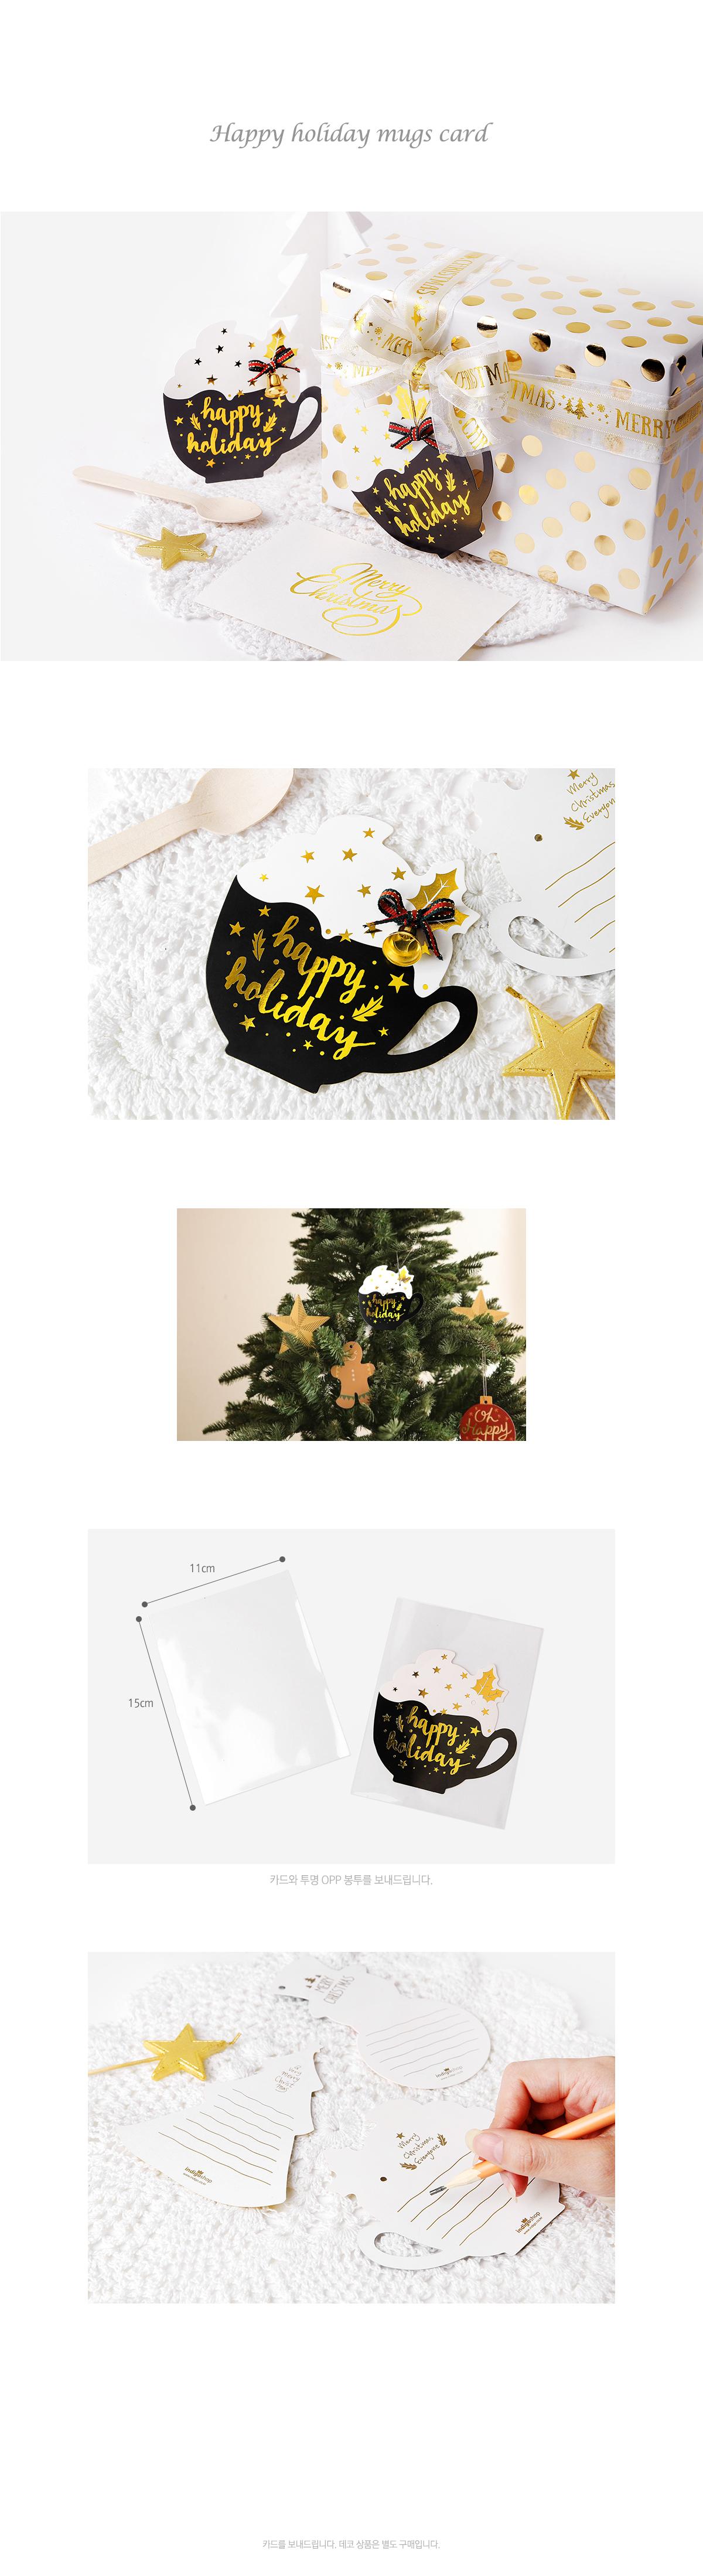 (금박) 해피 홀리데이 머그잔 카드 (1개)900원-인디고샵디자인문구, 카드/편지/봉투, 시즌/테마카드, 크리스마스바보사랑(금박) 해피 홀리데이 머그잔 카드 (1개)900원-인디고샵디자인문구, 카드/편지/봉투, 시즌/테마카드, 크리스마스바보사랑